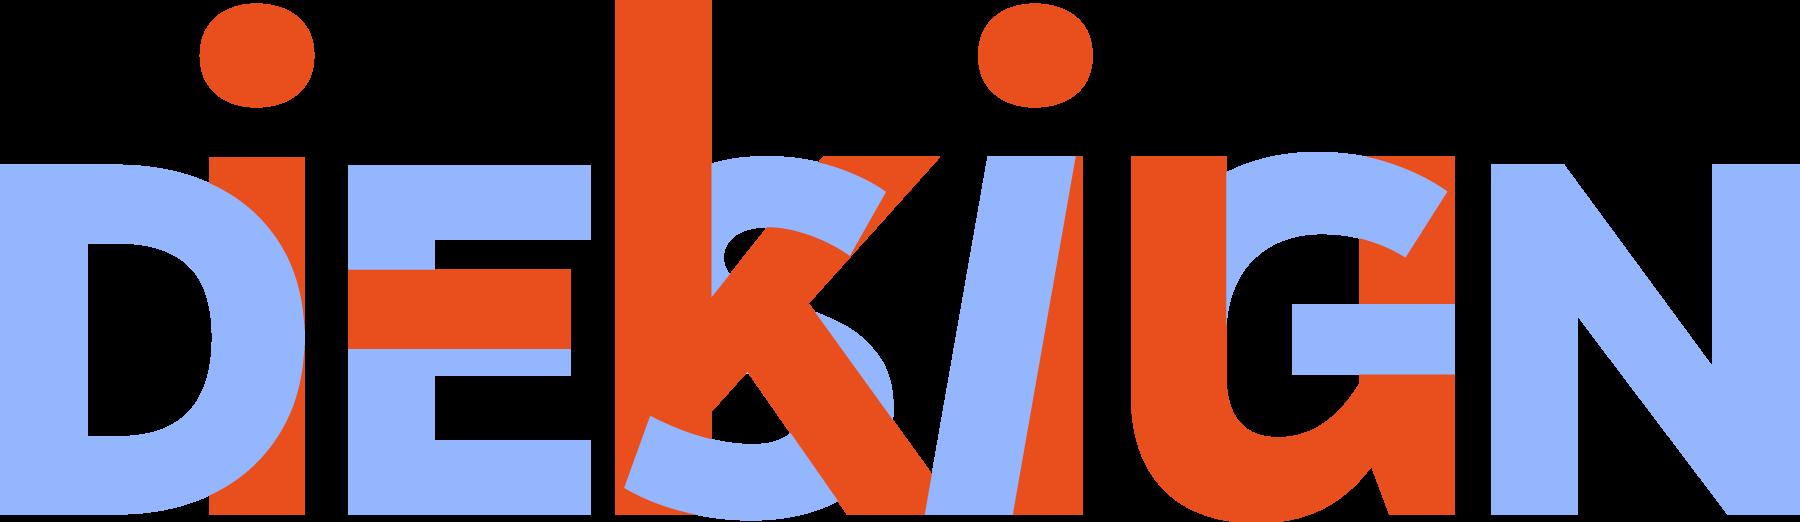 i-kiu.design